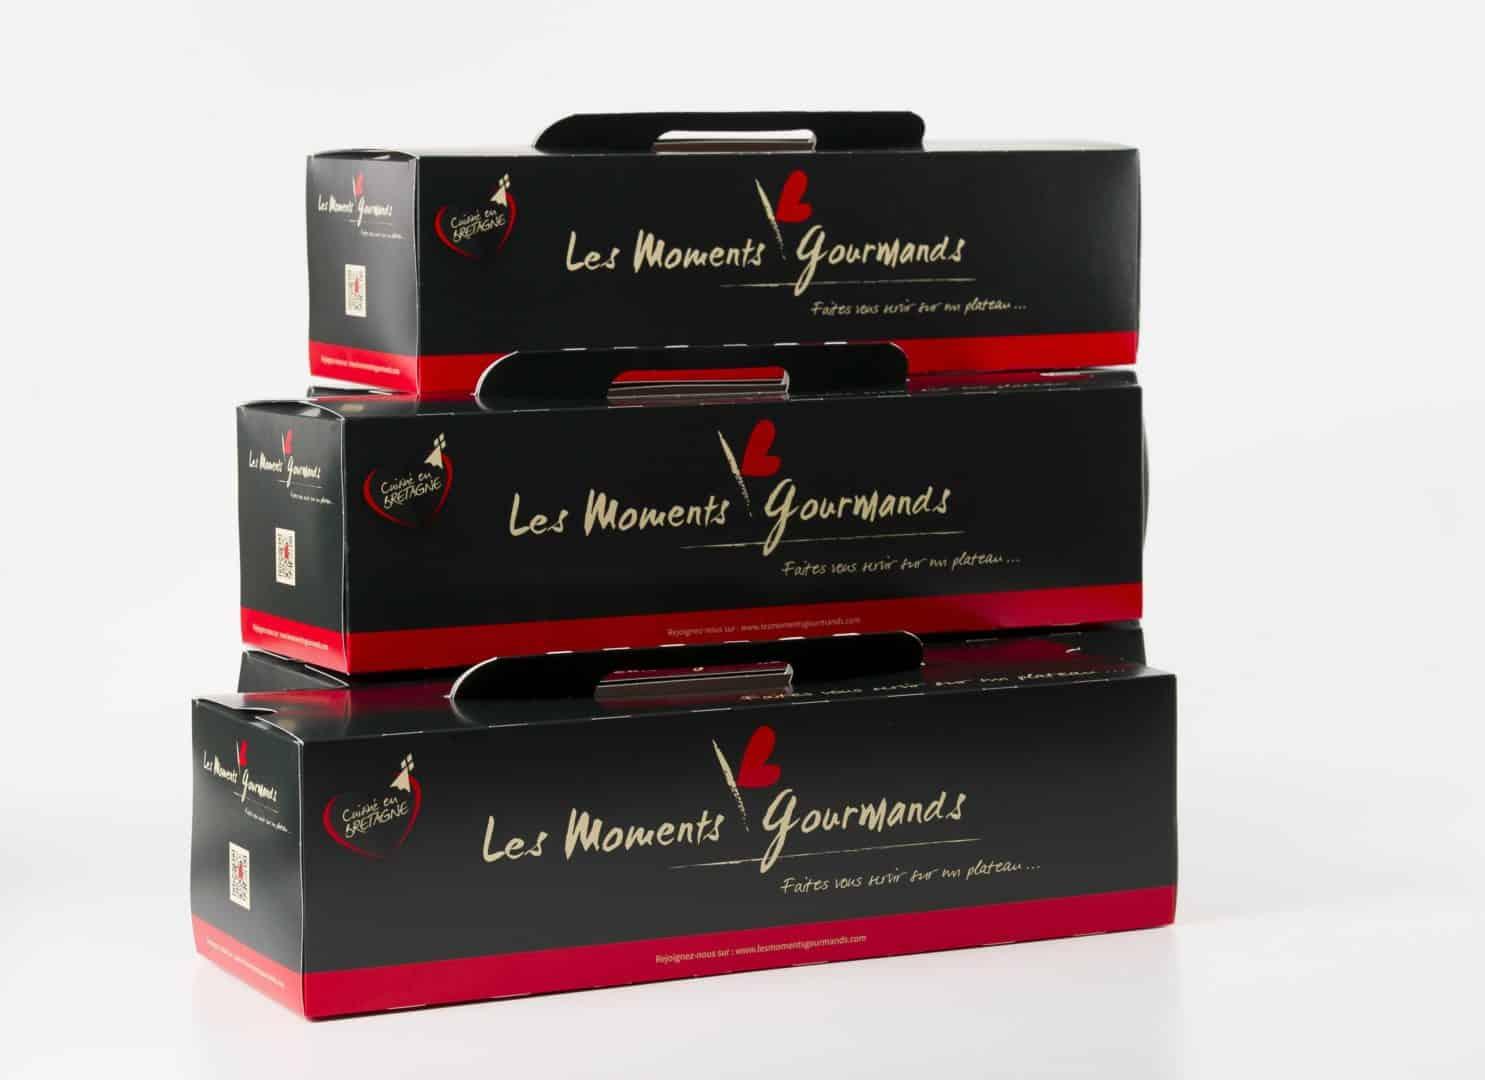 Dejeuner livraison plateau repas Quimper Finistere Bretagne 2 - Accueil